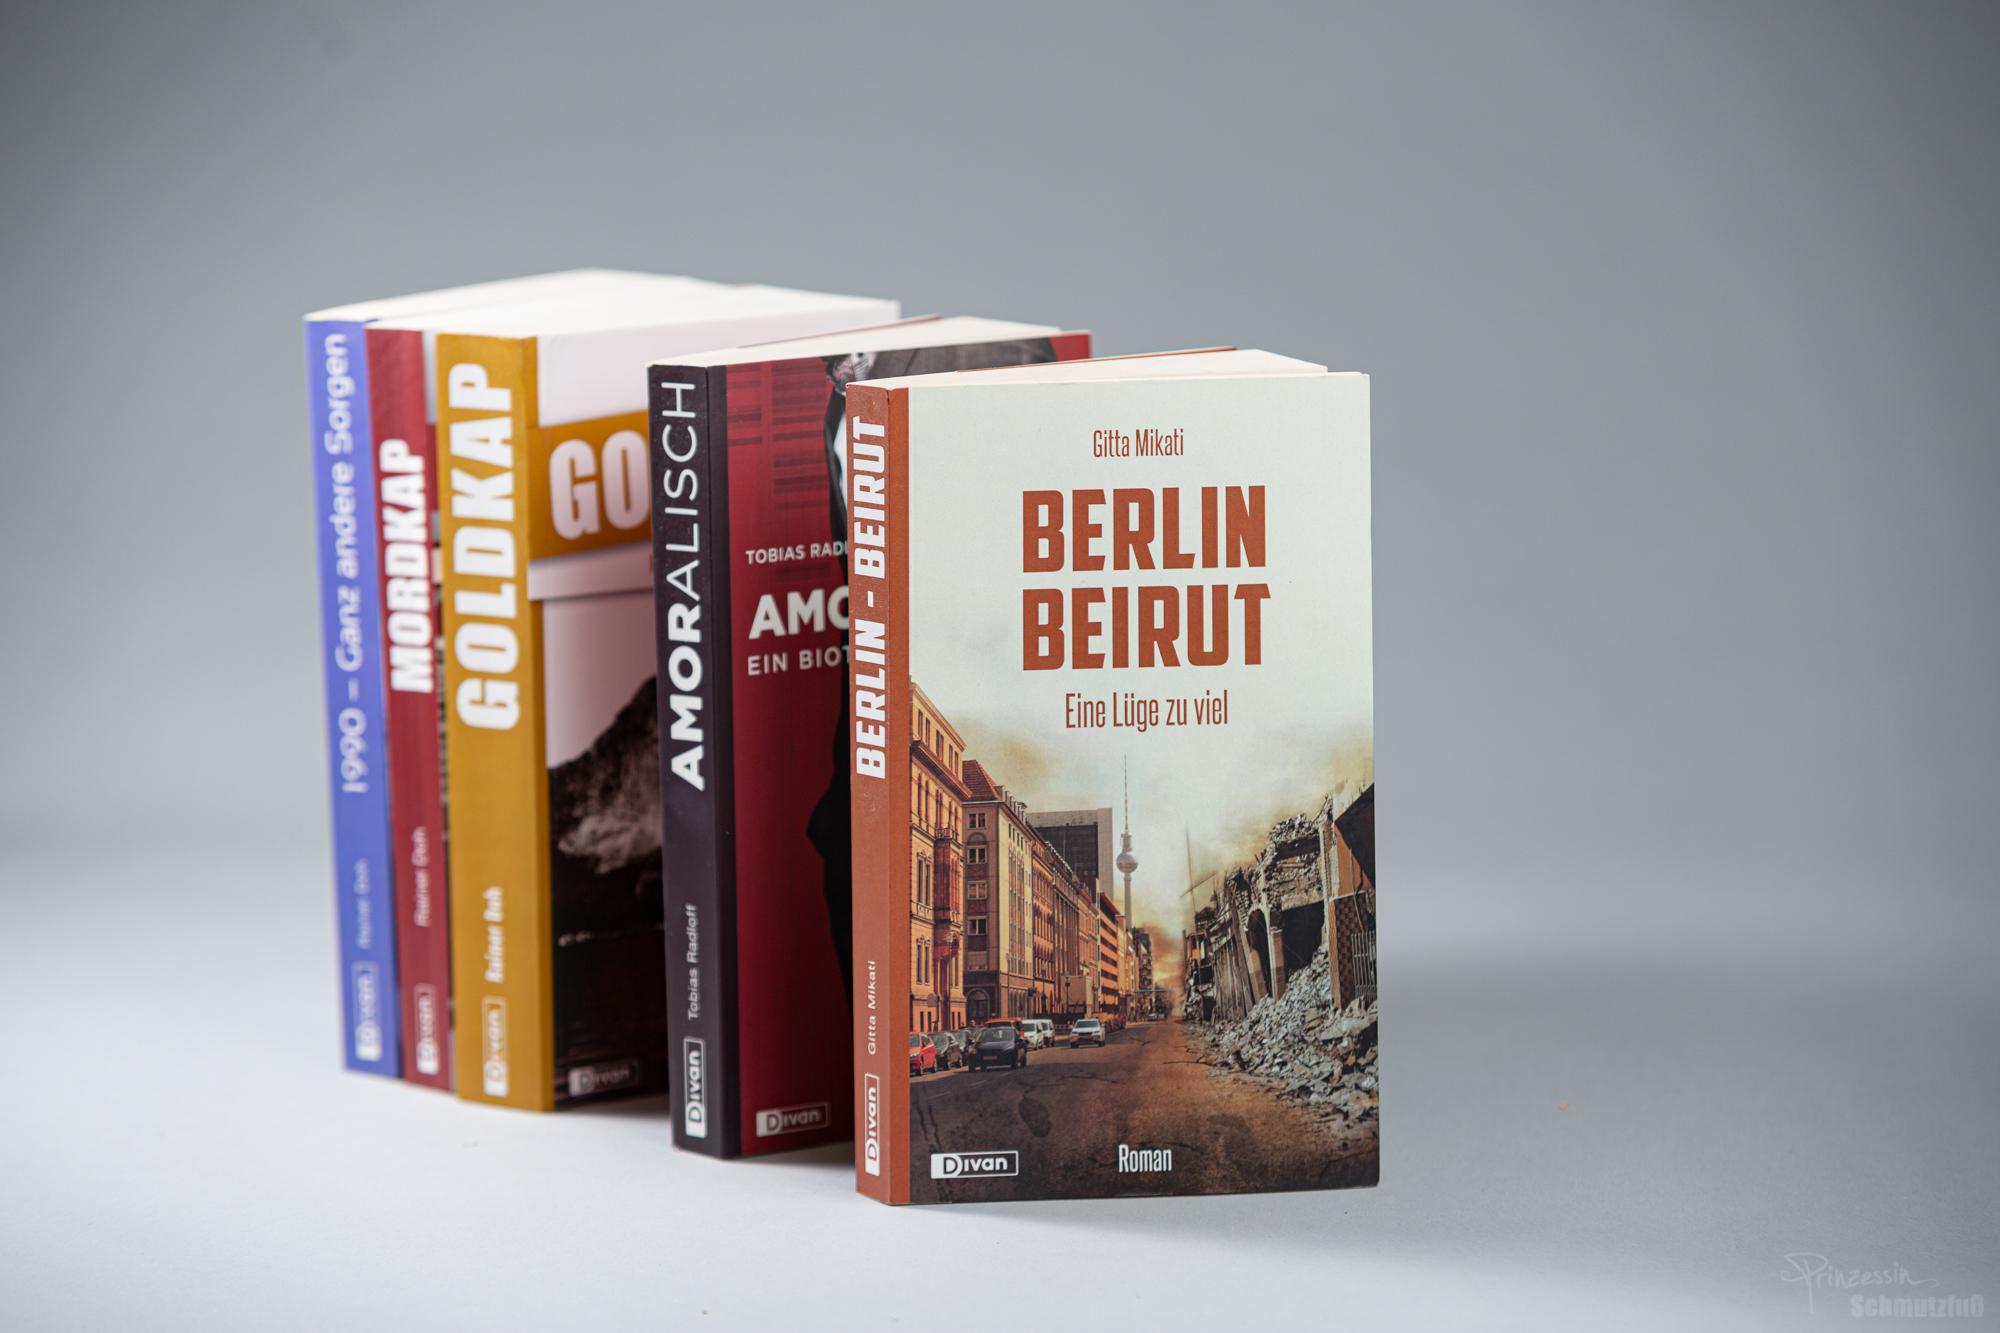 Buchcovergestaltung | Fotorecherche | Fotoretusche | Buchsatz | Divan Verlag